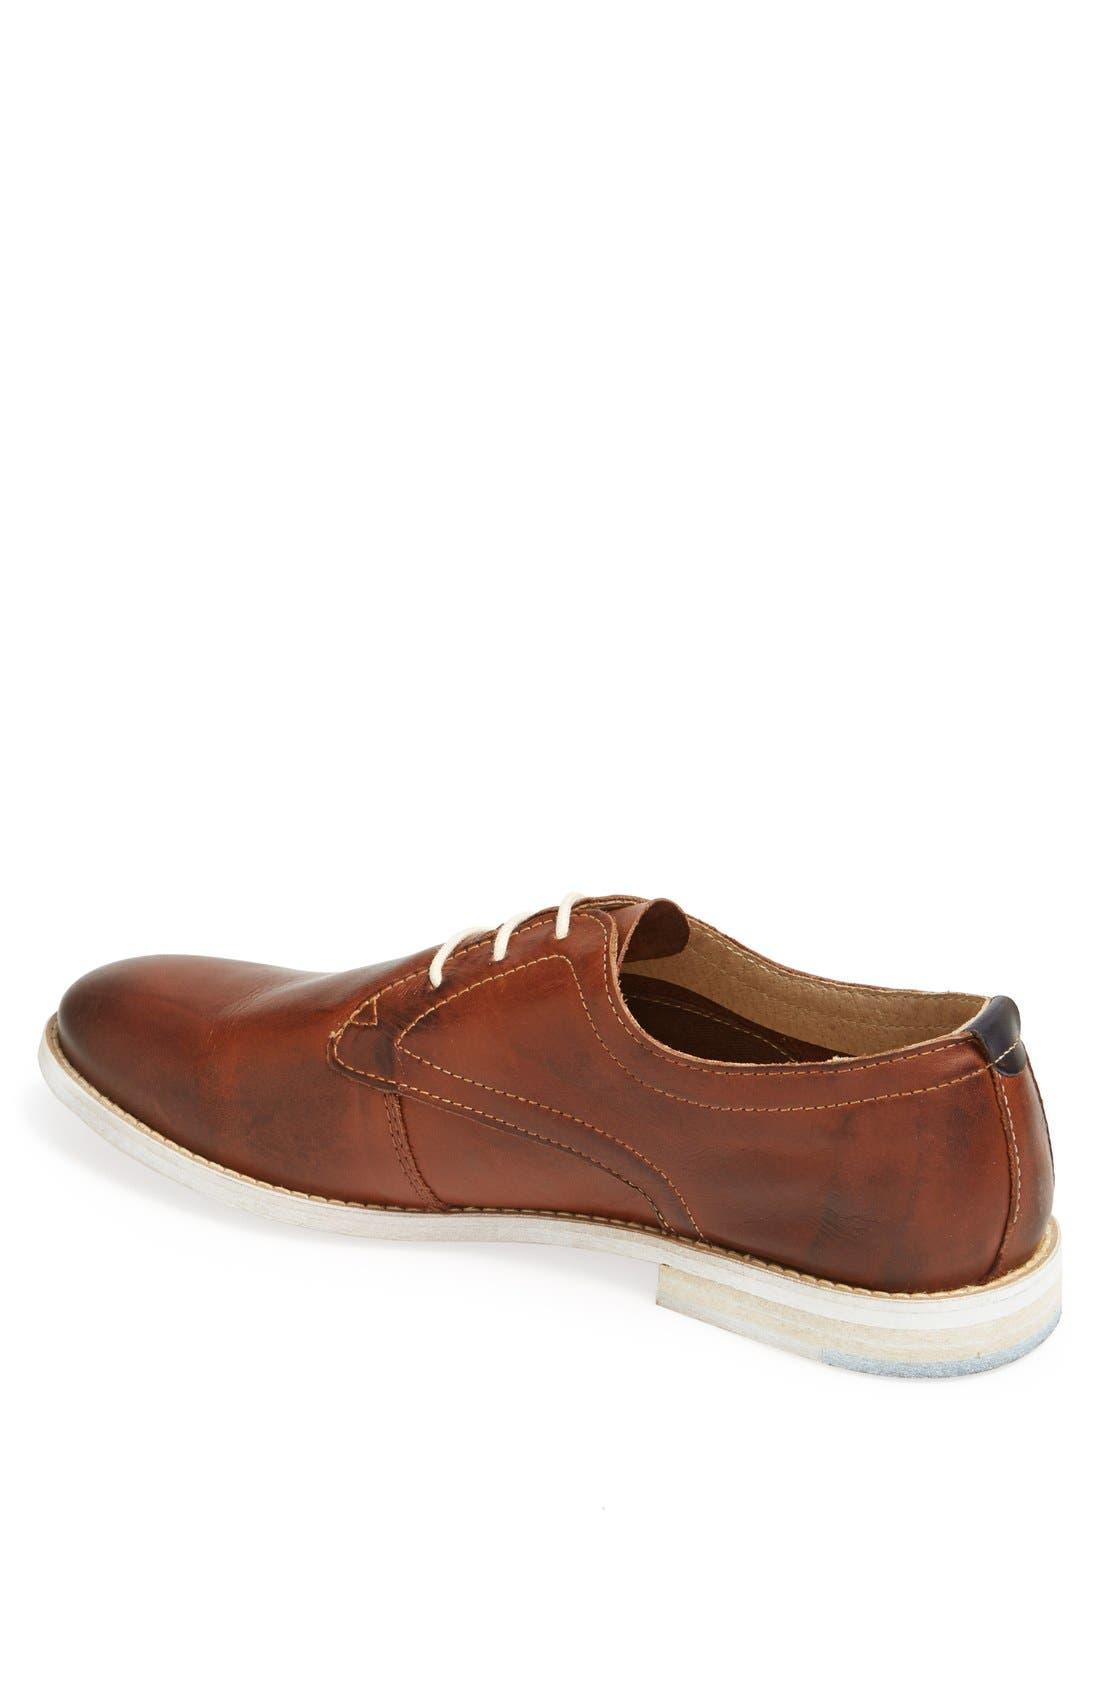 Alternate Image 2  - ALDO 'Bovell' Plain Toe Derby (Men)